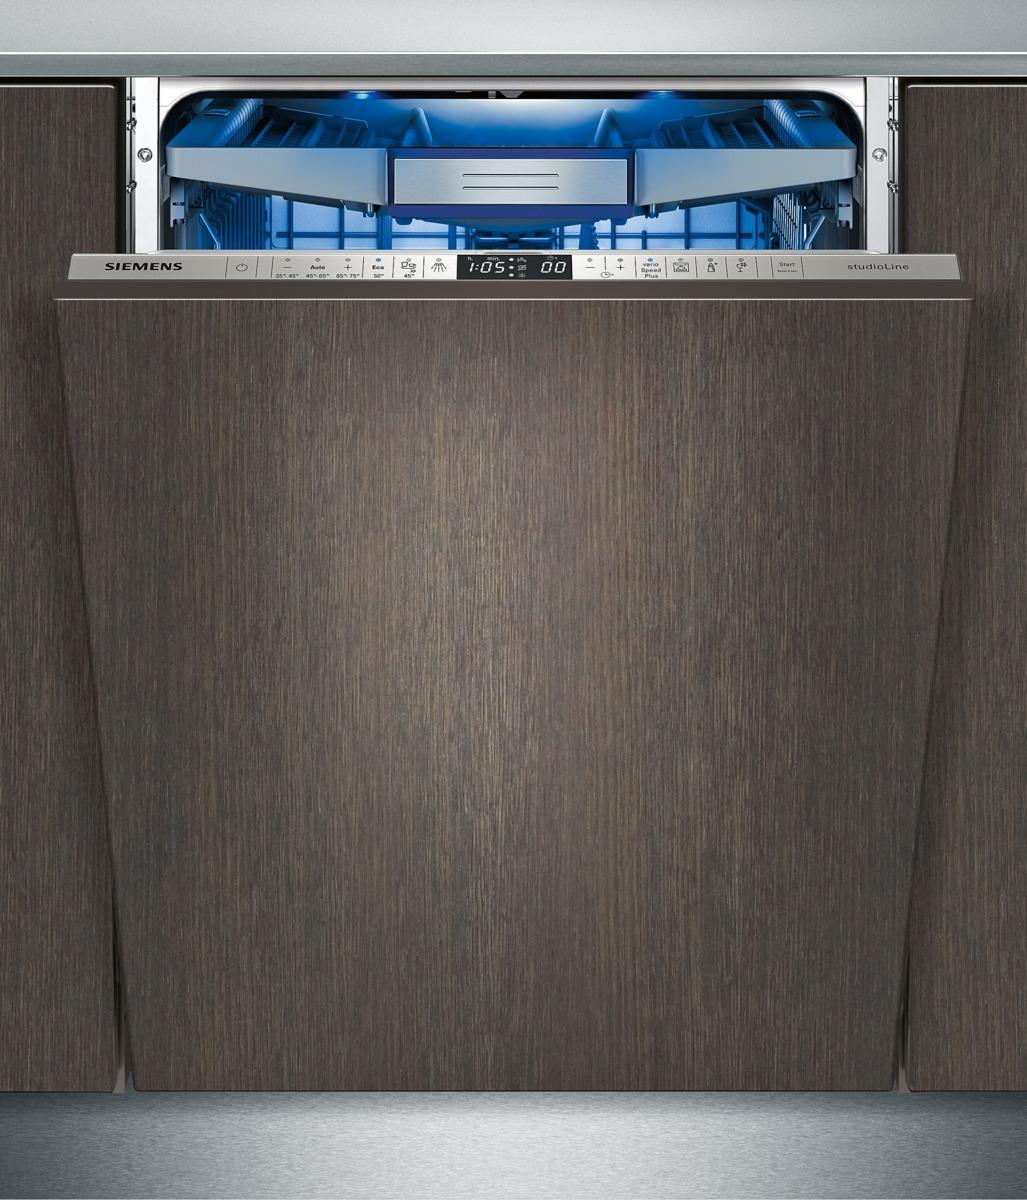 Ein typischer Griff: Nach dem Spülvorgang wird der Geschirrspüler leicht geöffnet, um die feuchte Luft entweichen zu lassen. Da sind nun alle Gegenstände, auch empfindliche Gläser und Kunststoffobjekte, dank des Zeoliths® schon trocken und sauber. (Foto: Siemens Hausgeräte)